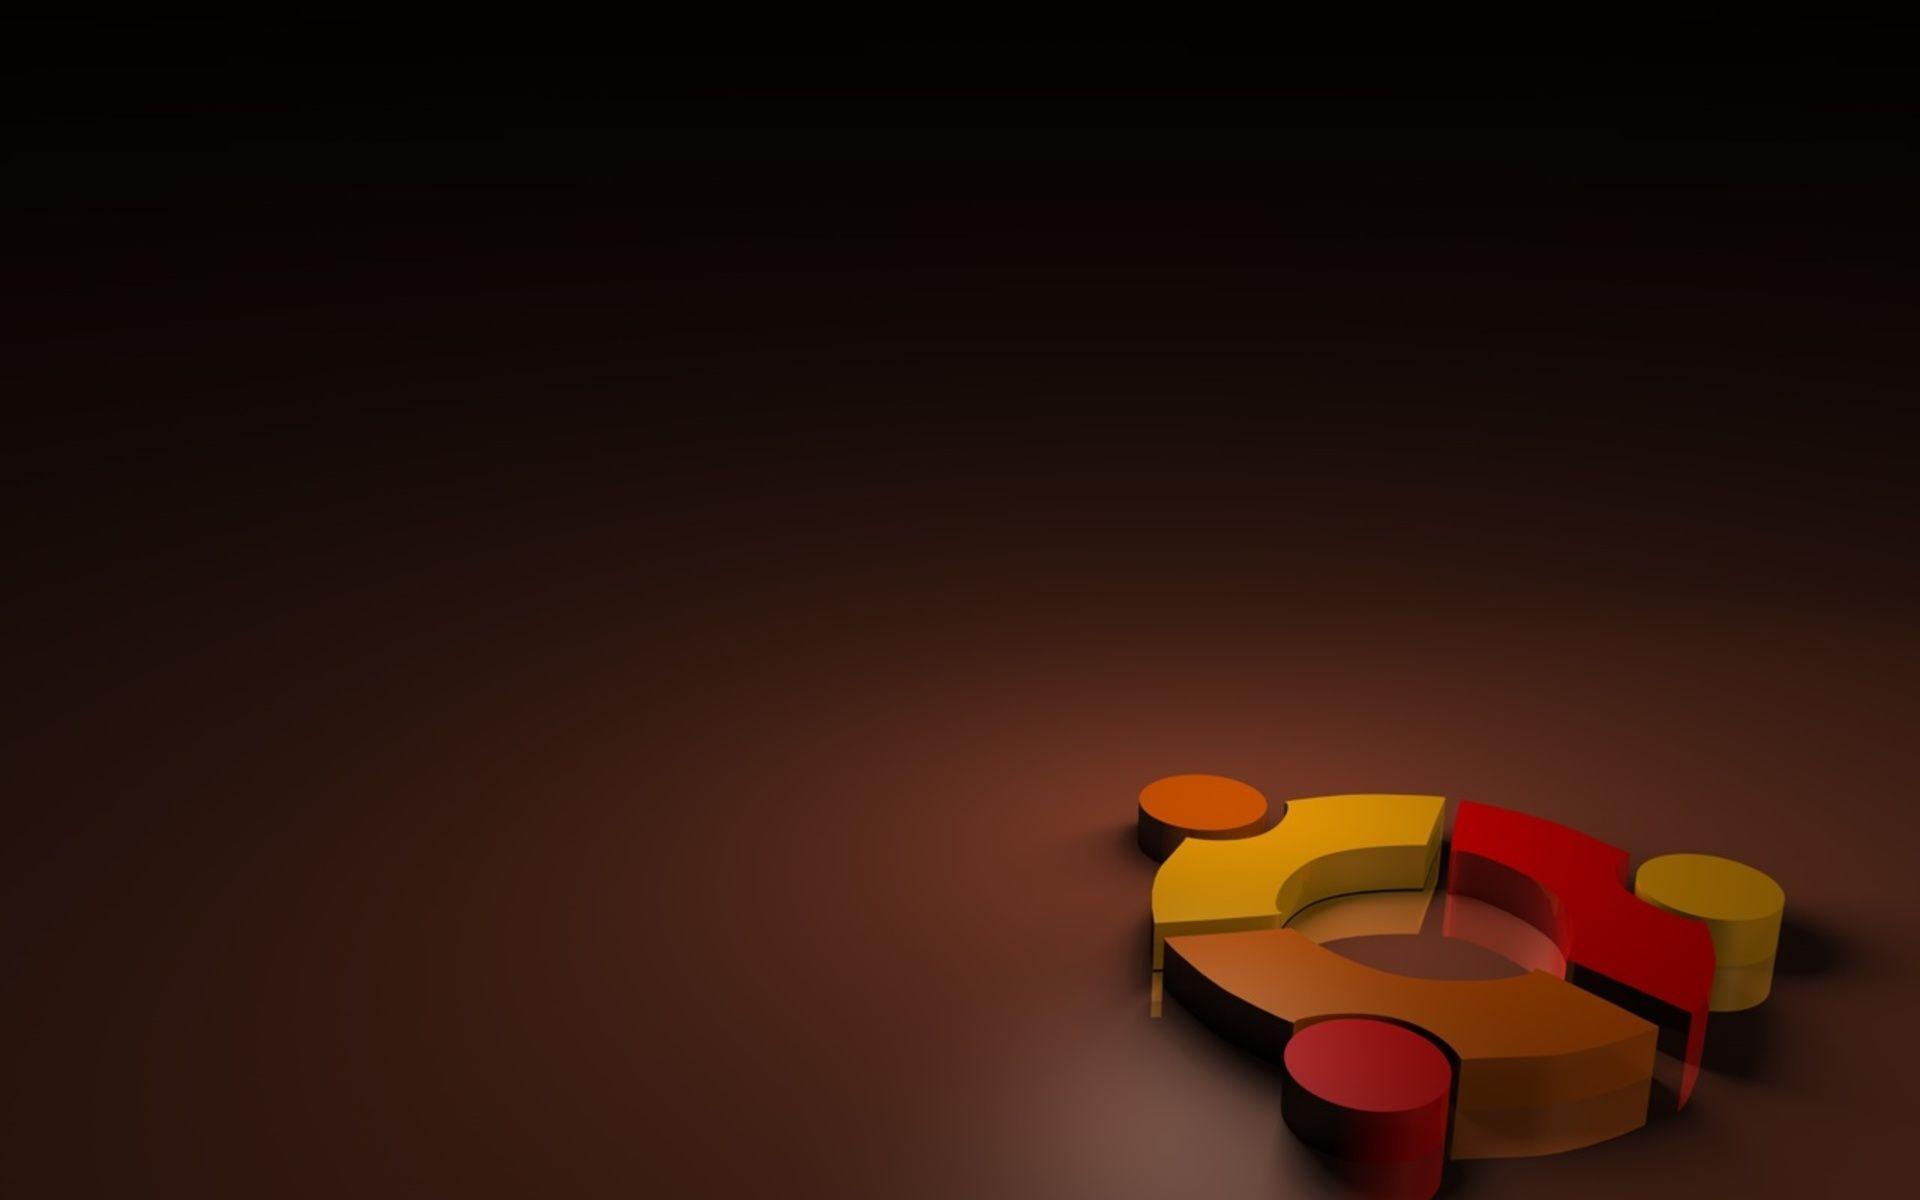 ubuntu linux wallpapers set 3 - photo #10